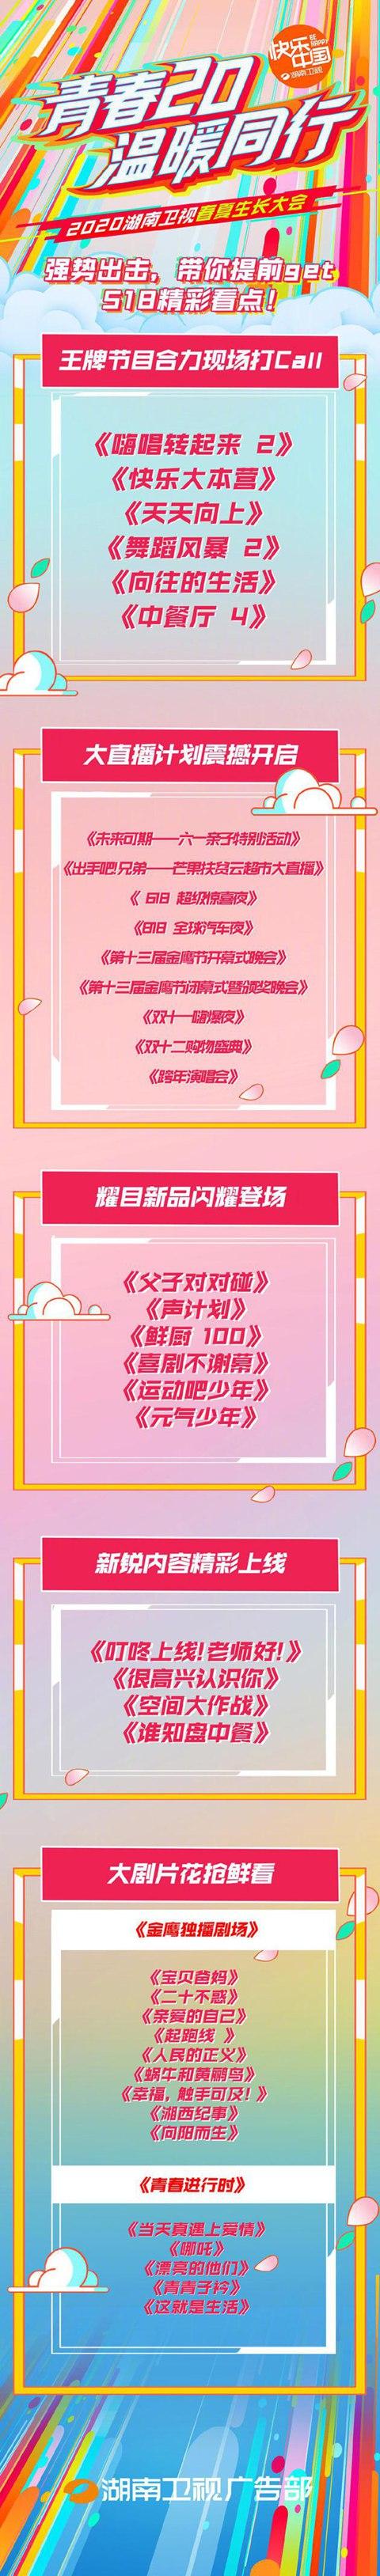 湖南卫视综艺片单公布 你pick哪一个?